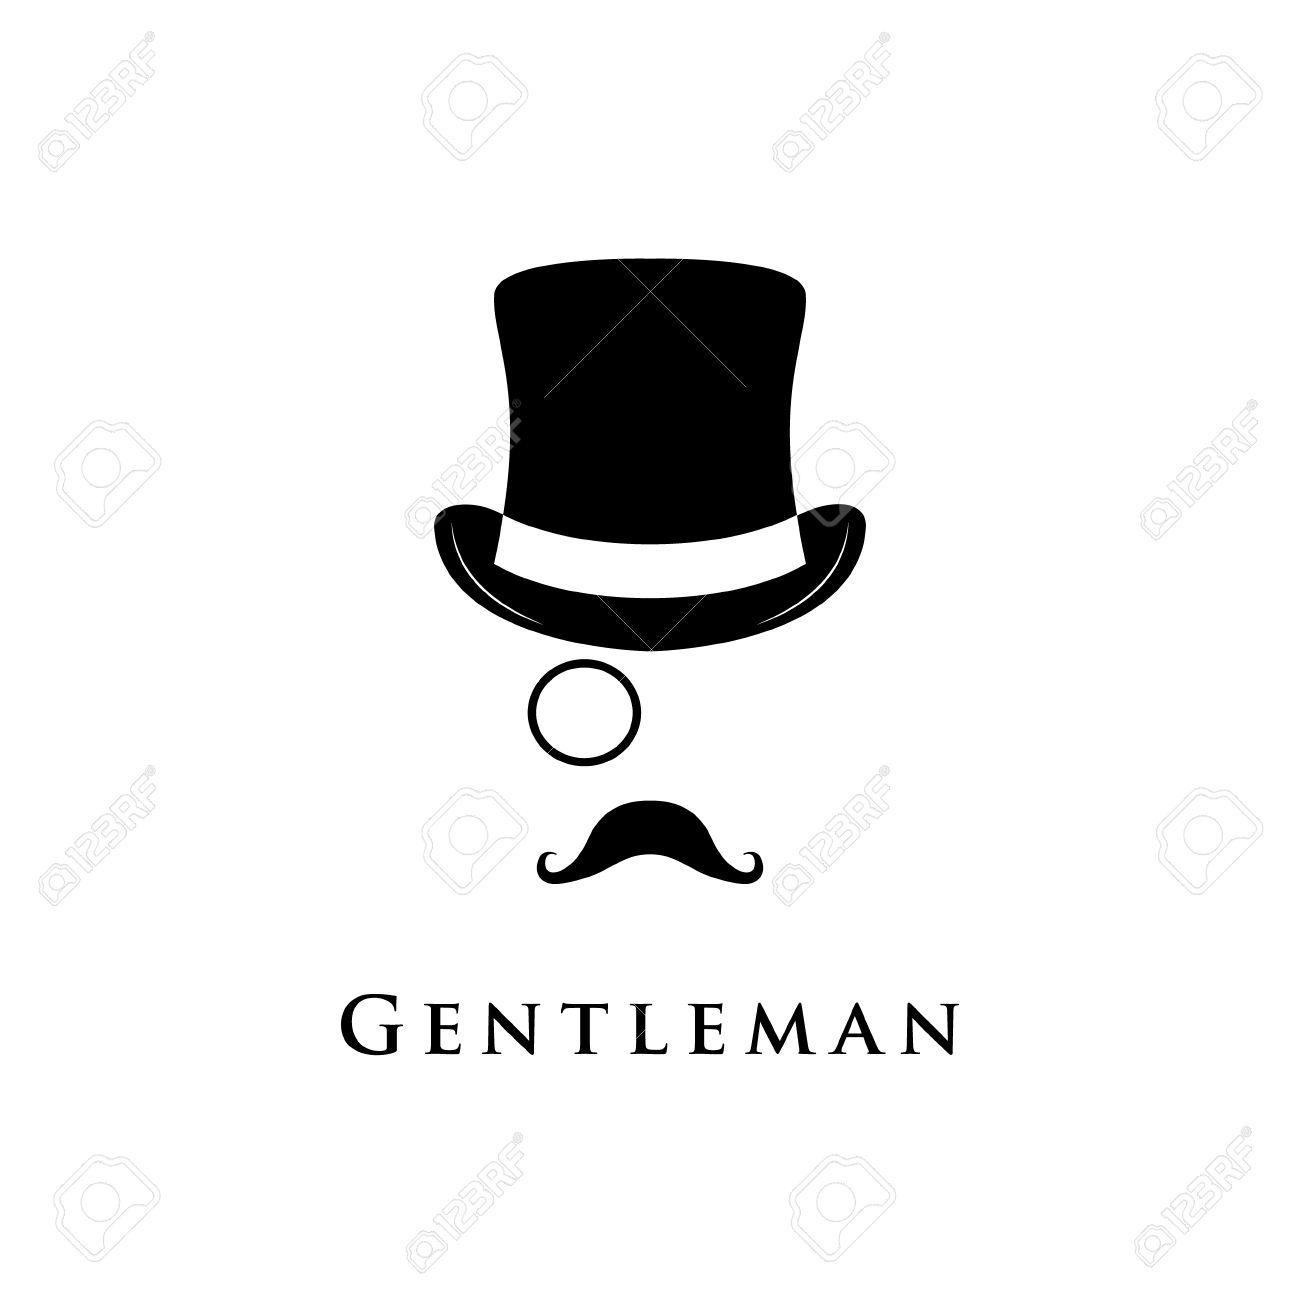 紳士のロゴ円柱帽子ヒゲモノクルのベクトル イラストのイラスト